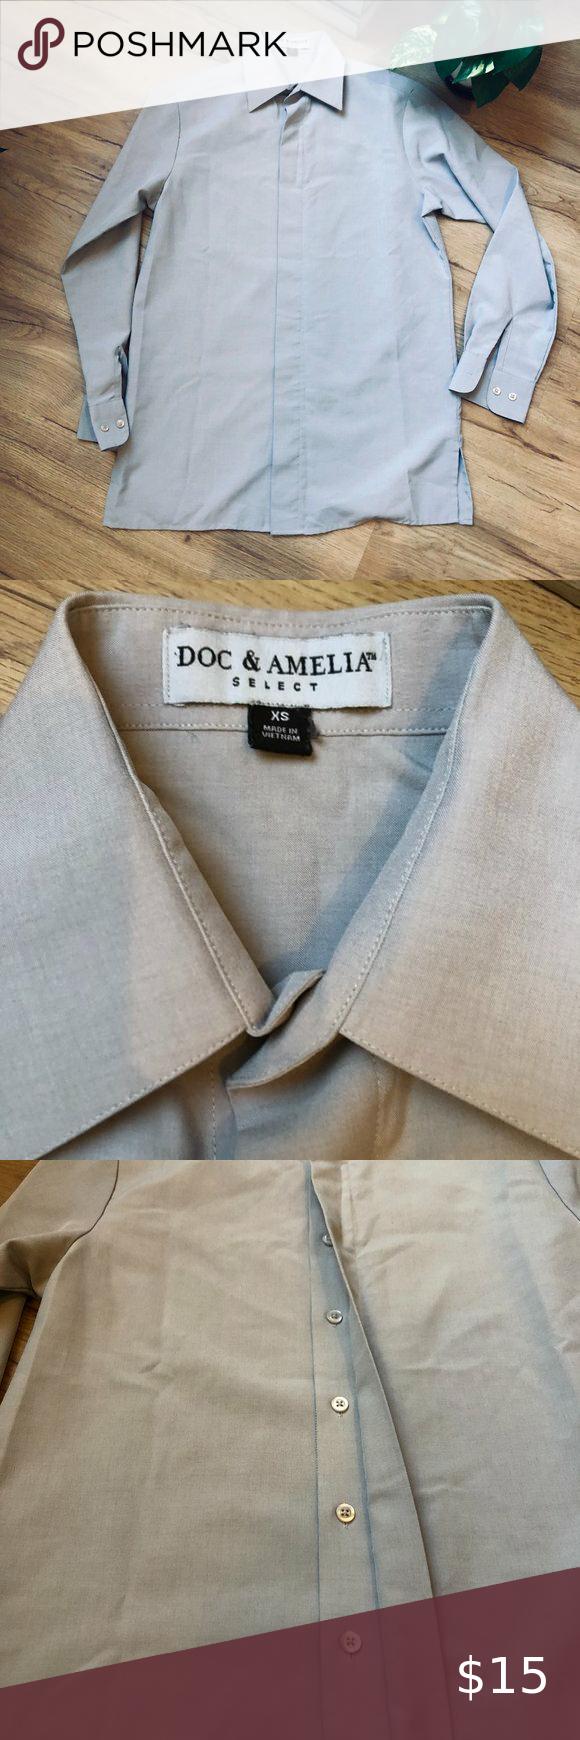 Doc Amelia Select Gray L S Button Down Shirt Doc Amelia Select Gray Long Sleeve Button Down Dress Shirt Men S Mens Shirt Dress Shirts Long Sleeve Knit Tops [ 1740 x 580 Pixel ]